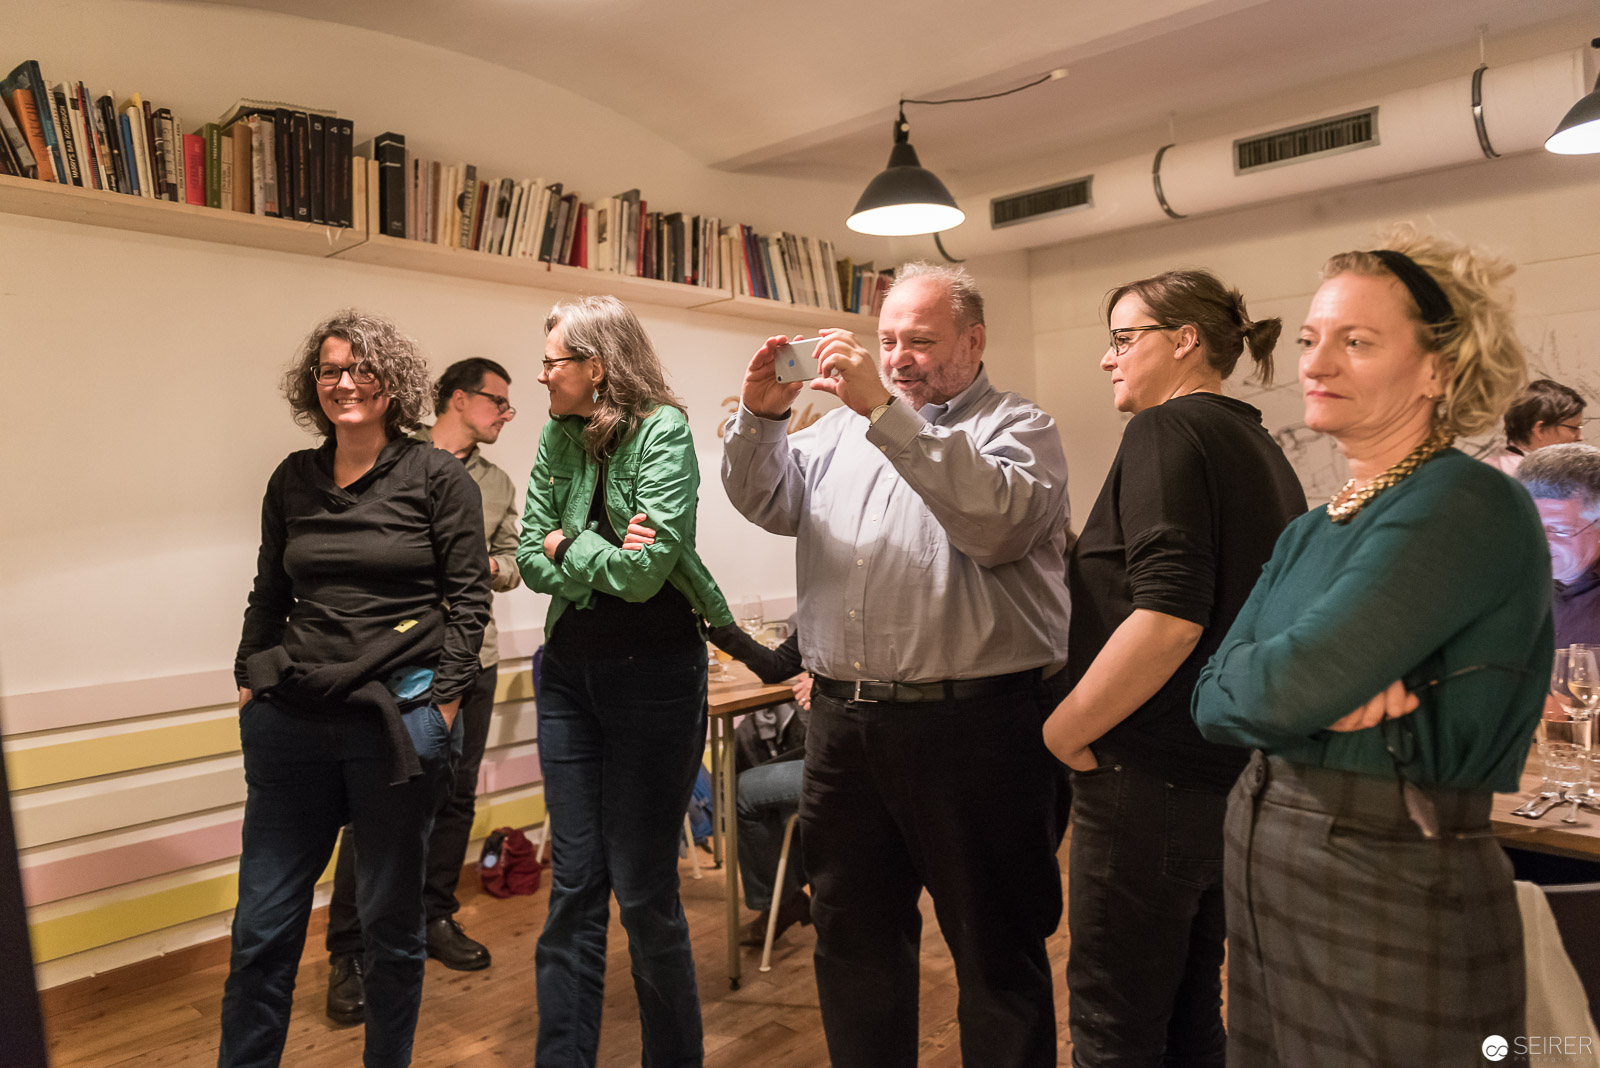 """Event """"Veränderungen in der Landschaftsfotografie und auf dem Teller"""" - in der Speisekammer in Wien"""